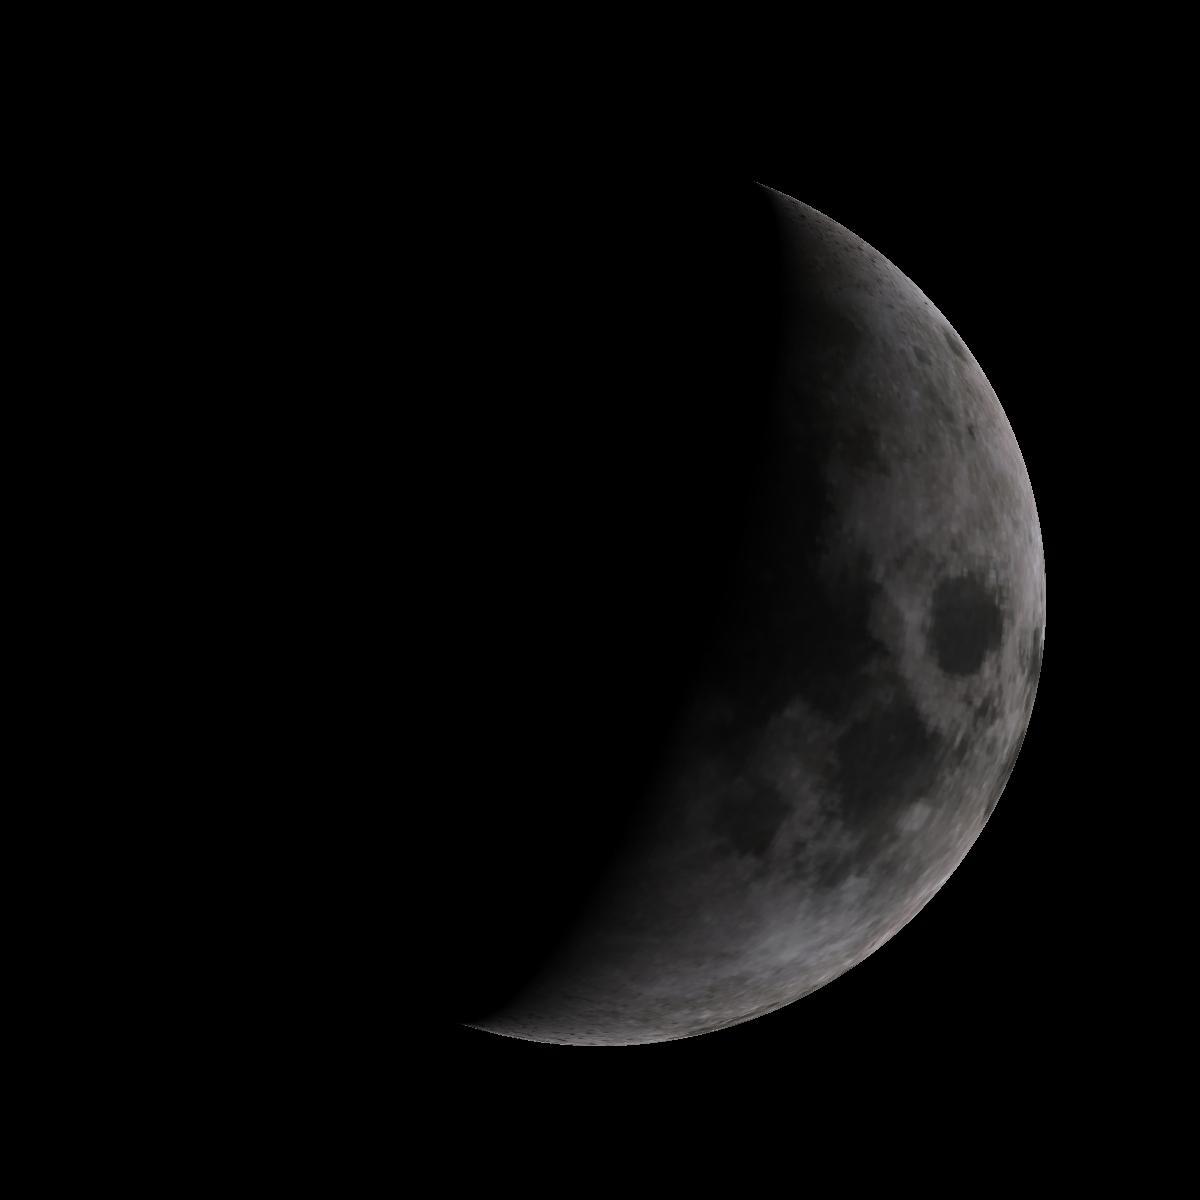 Lune du 3 décembre 2019